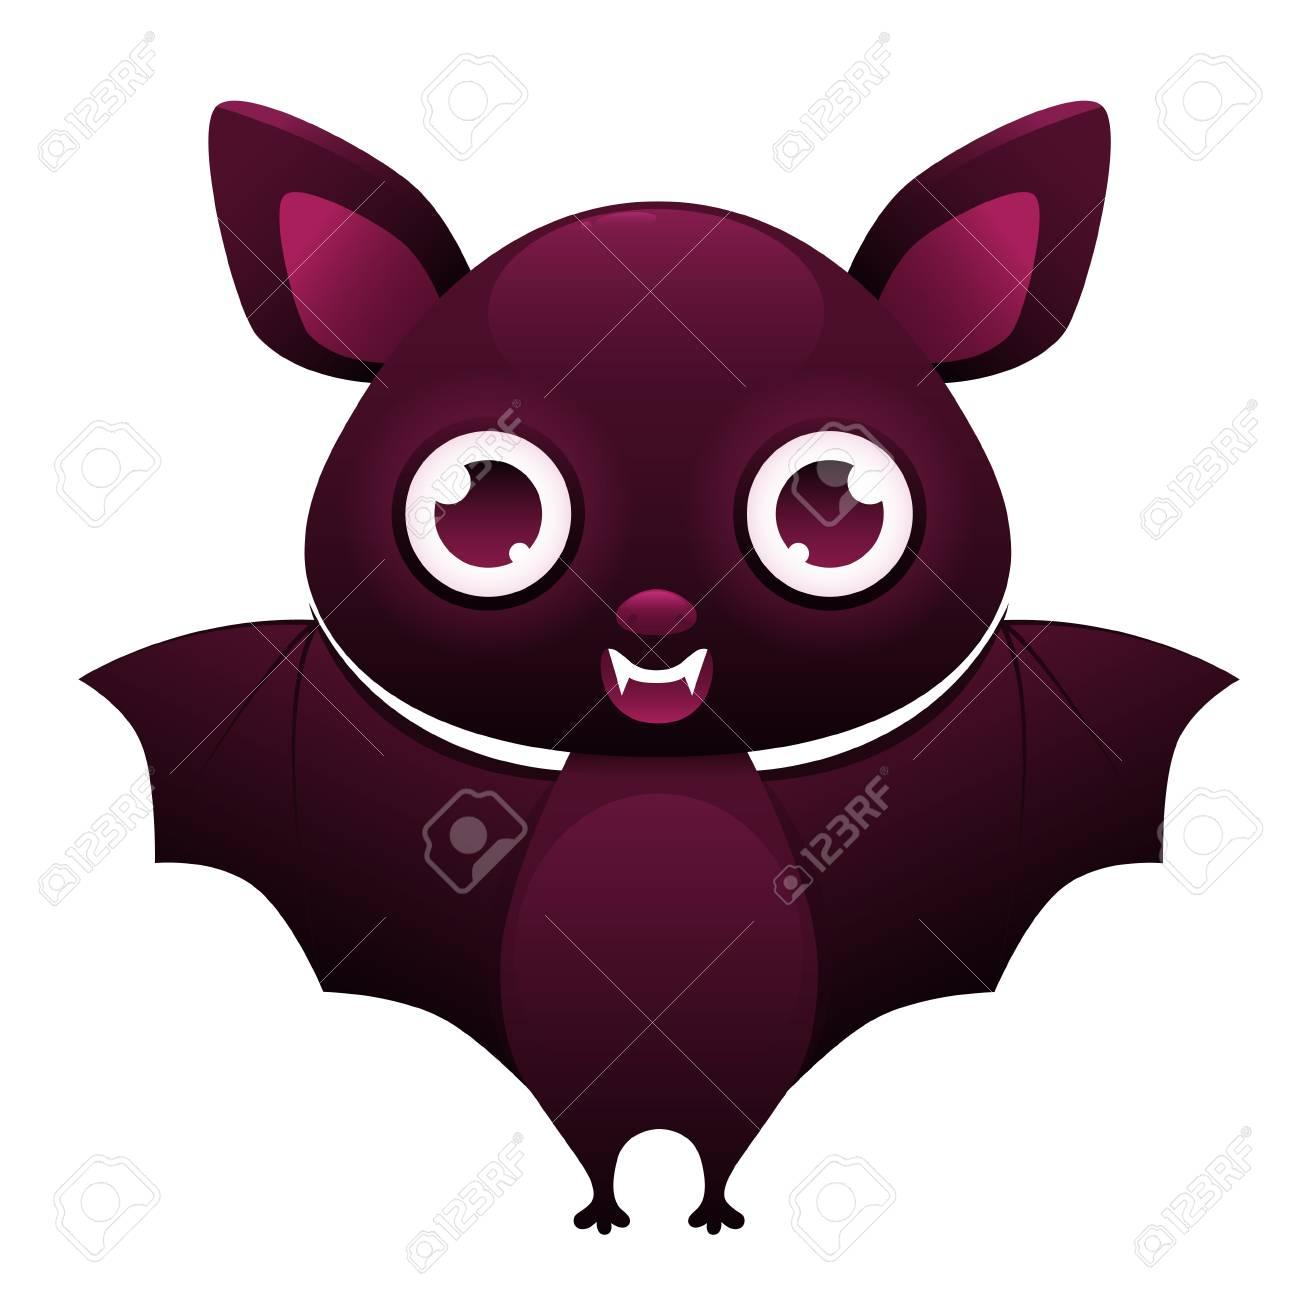 白い背景で隔離の吸血コウモリかわいい漫画のキャラクターベクトル図の